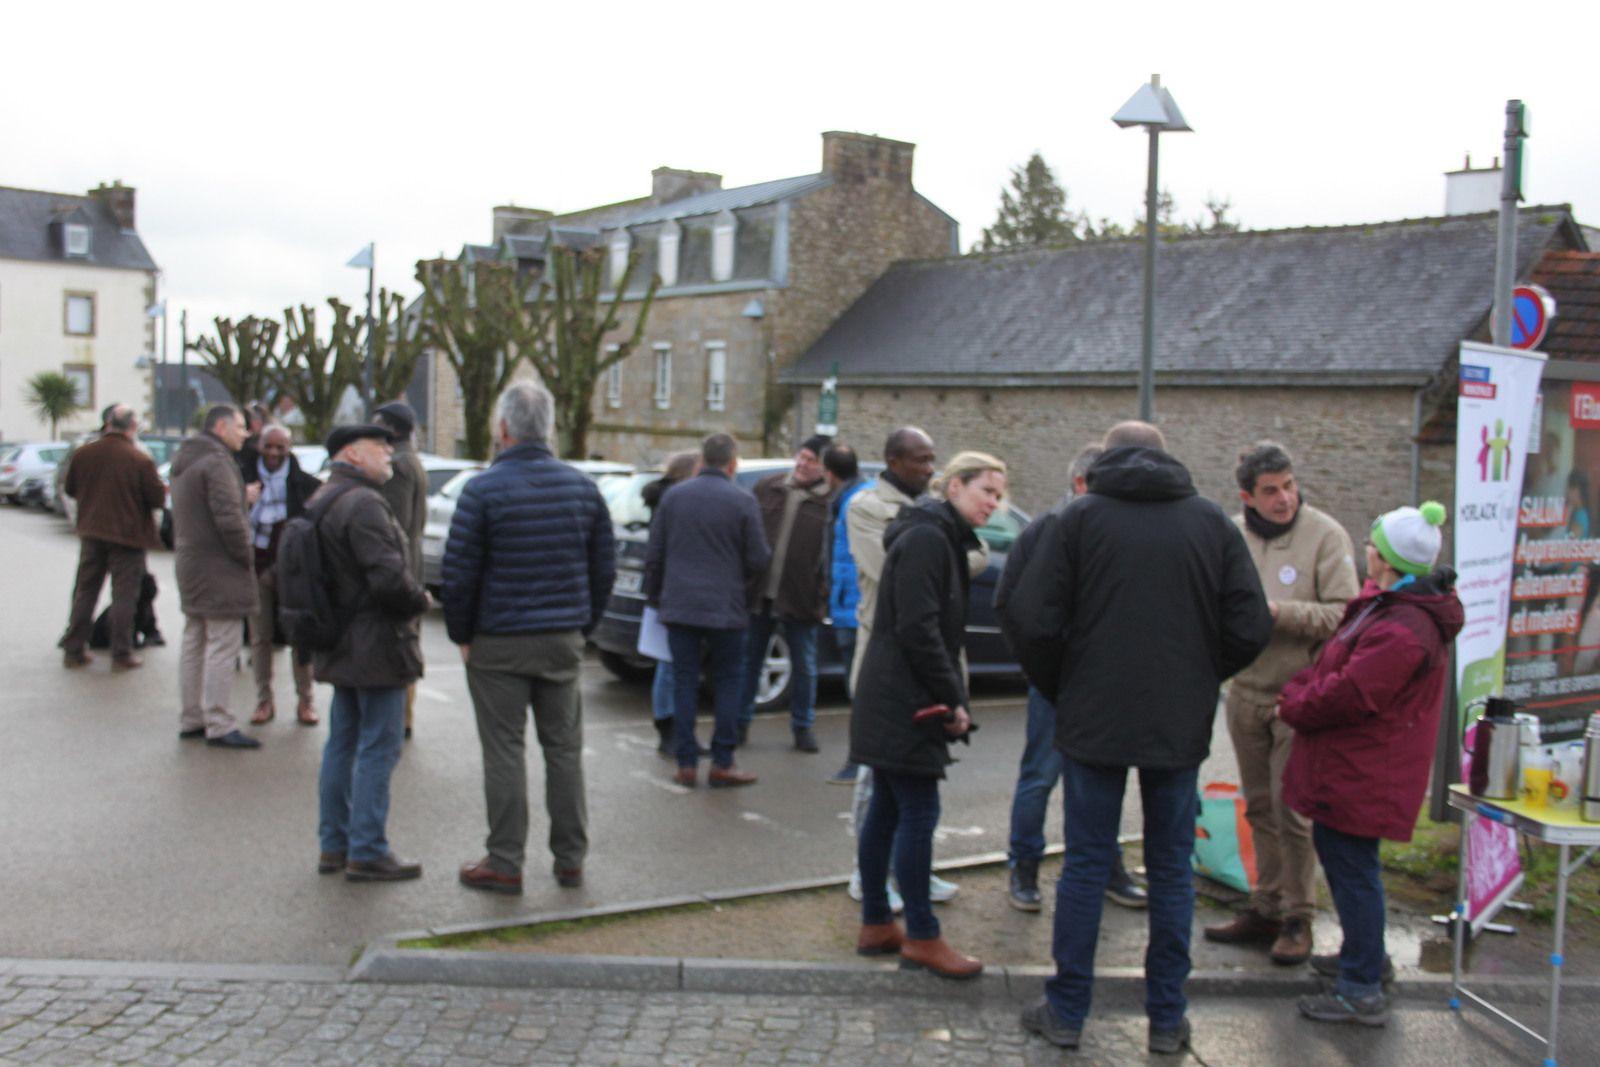 Parole aux quartiers - Morlaix Ensemble à Ploujean ce samedi 1er février au matin (Photos Jean-Luc Le Calvez)